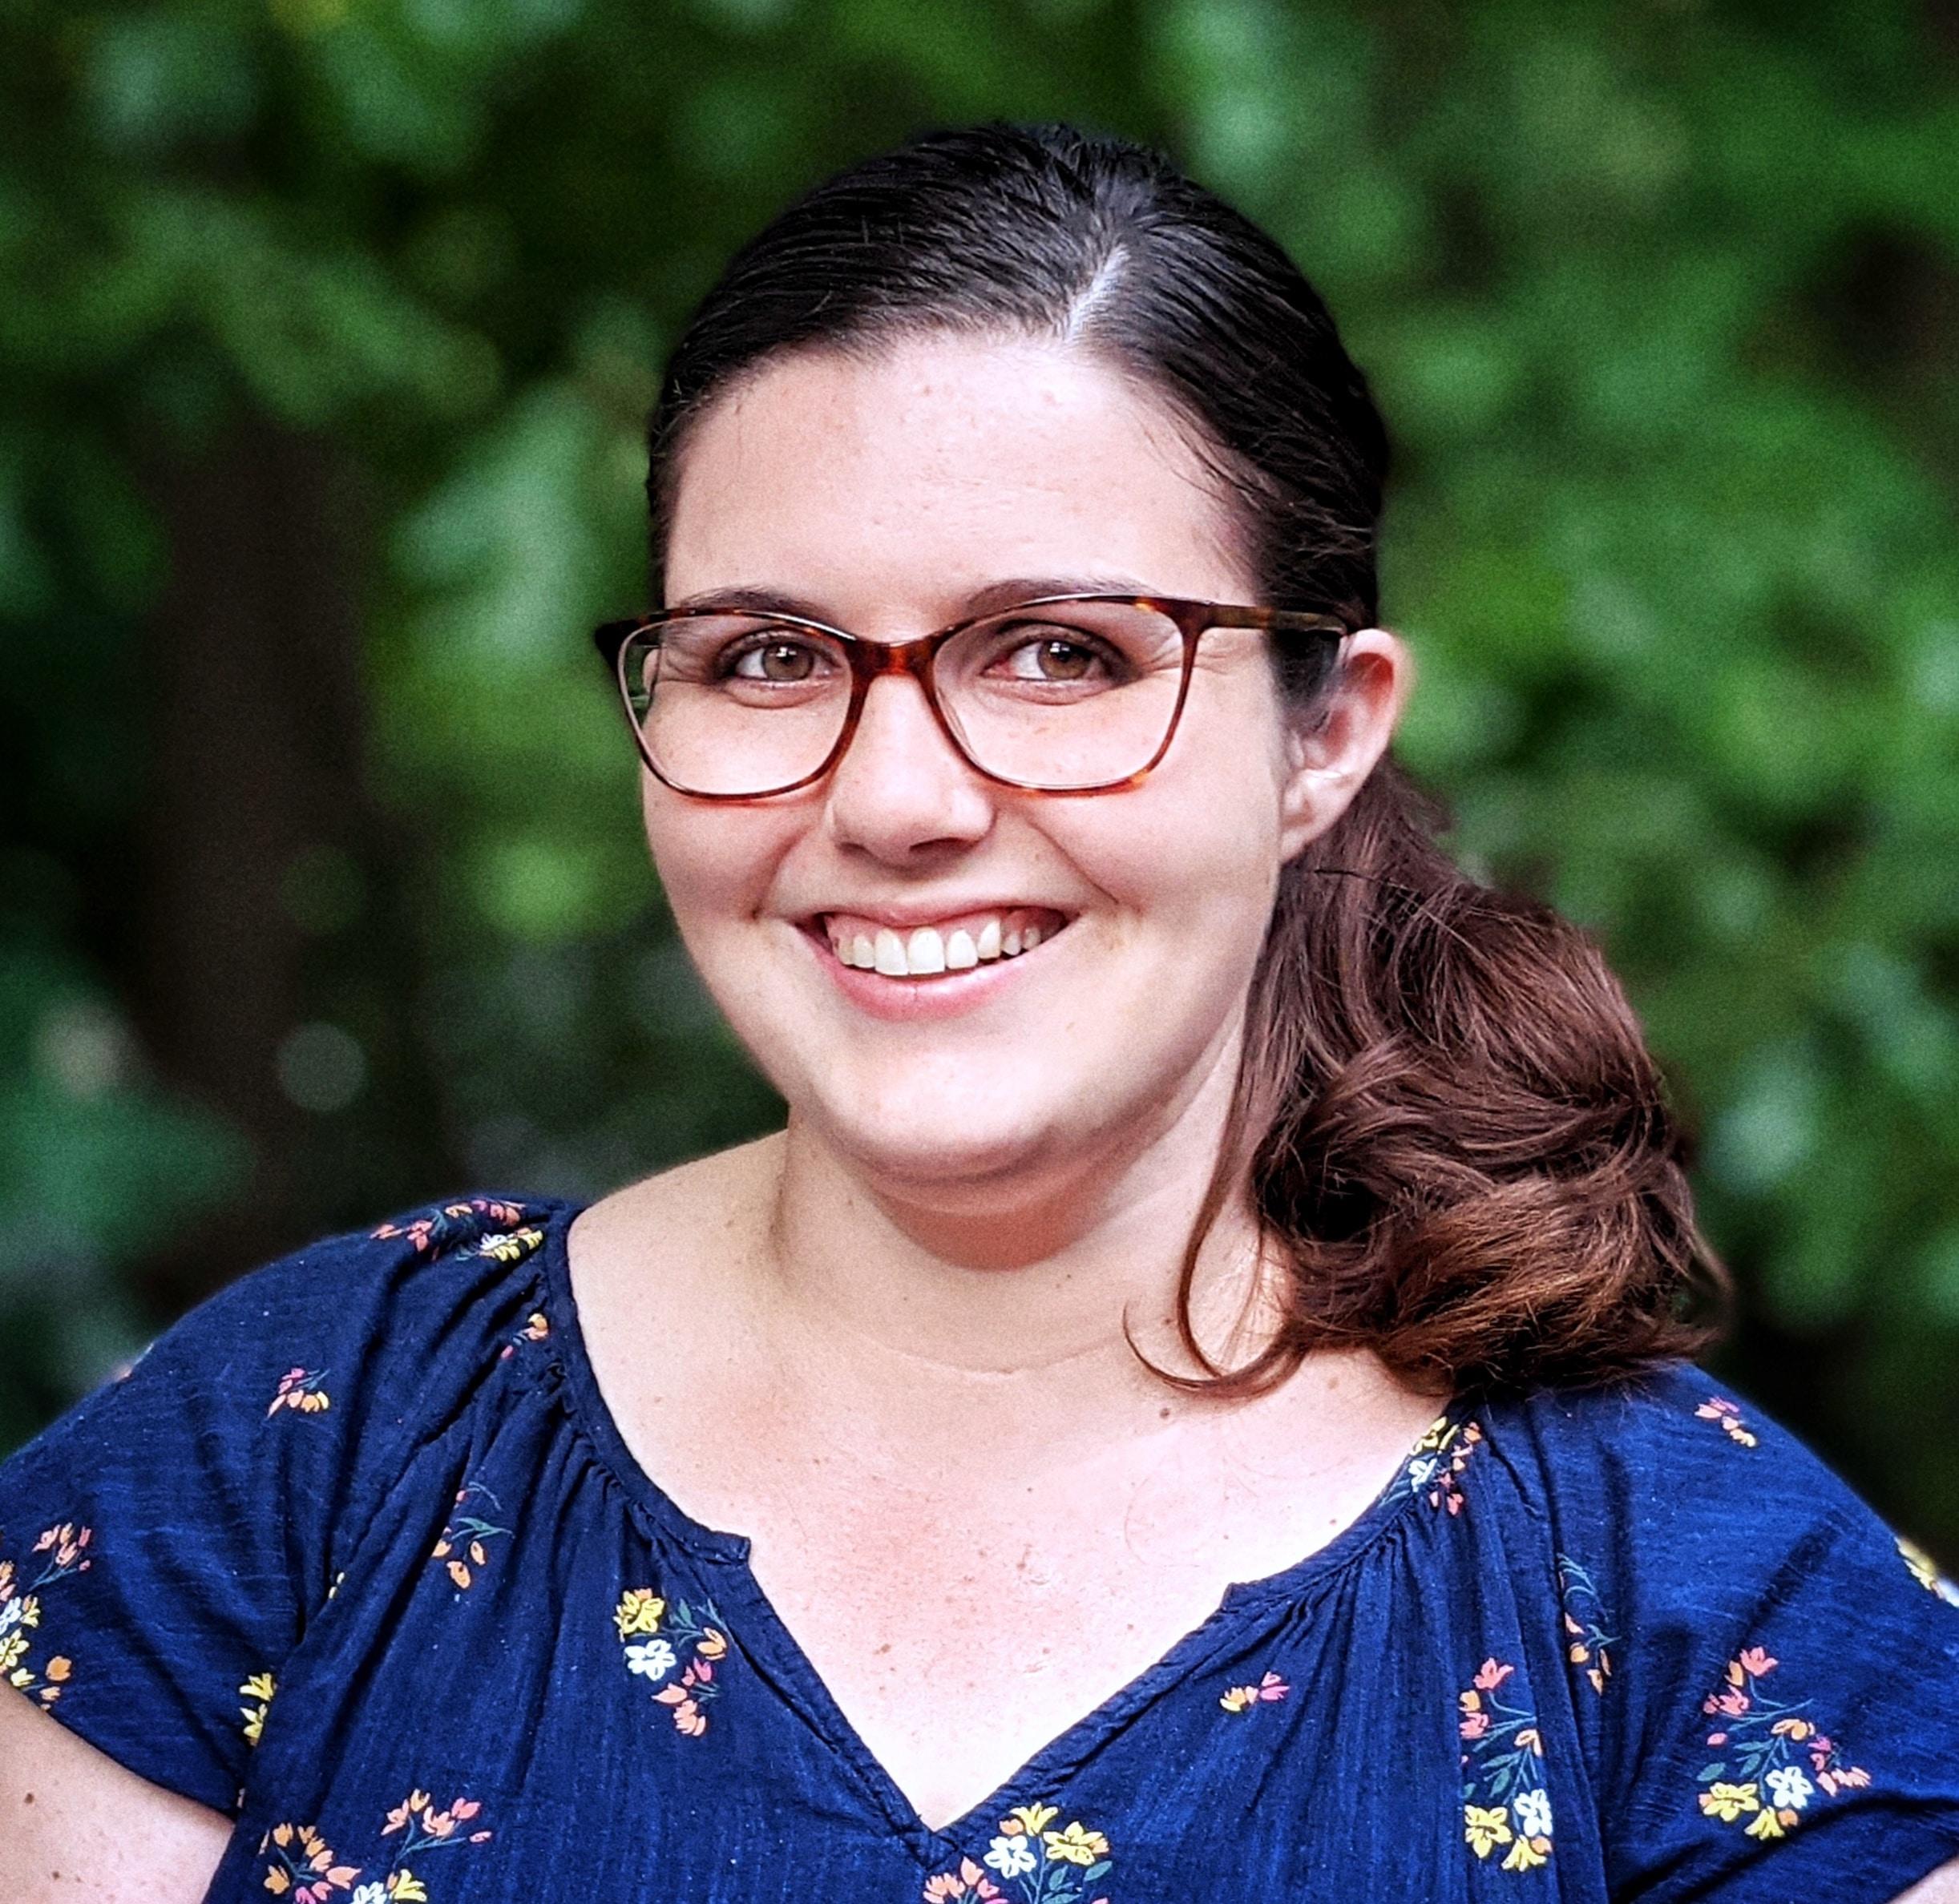 Samantha Kloorfain